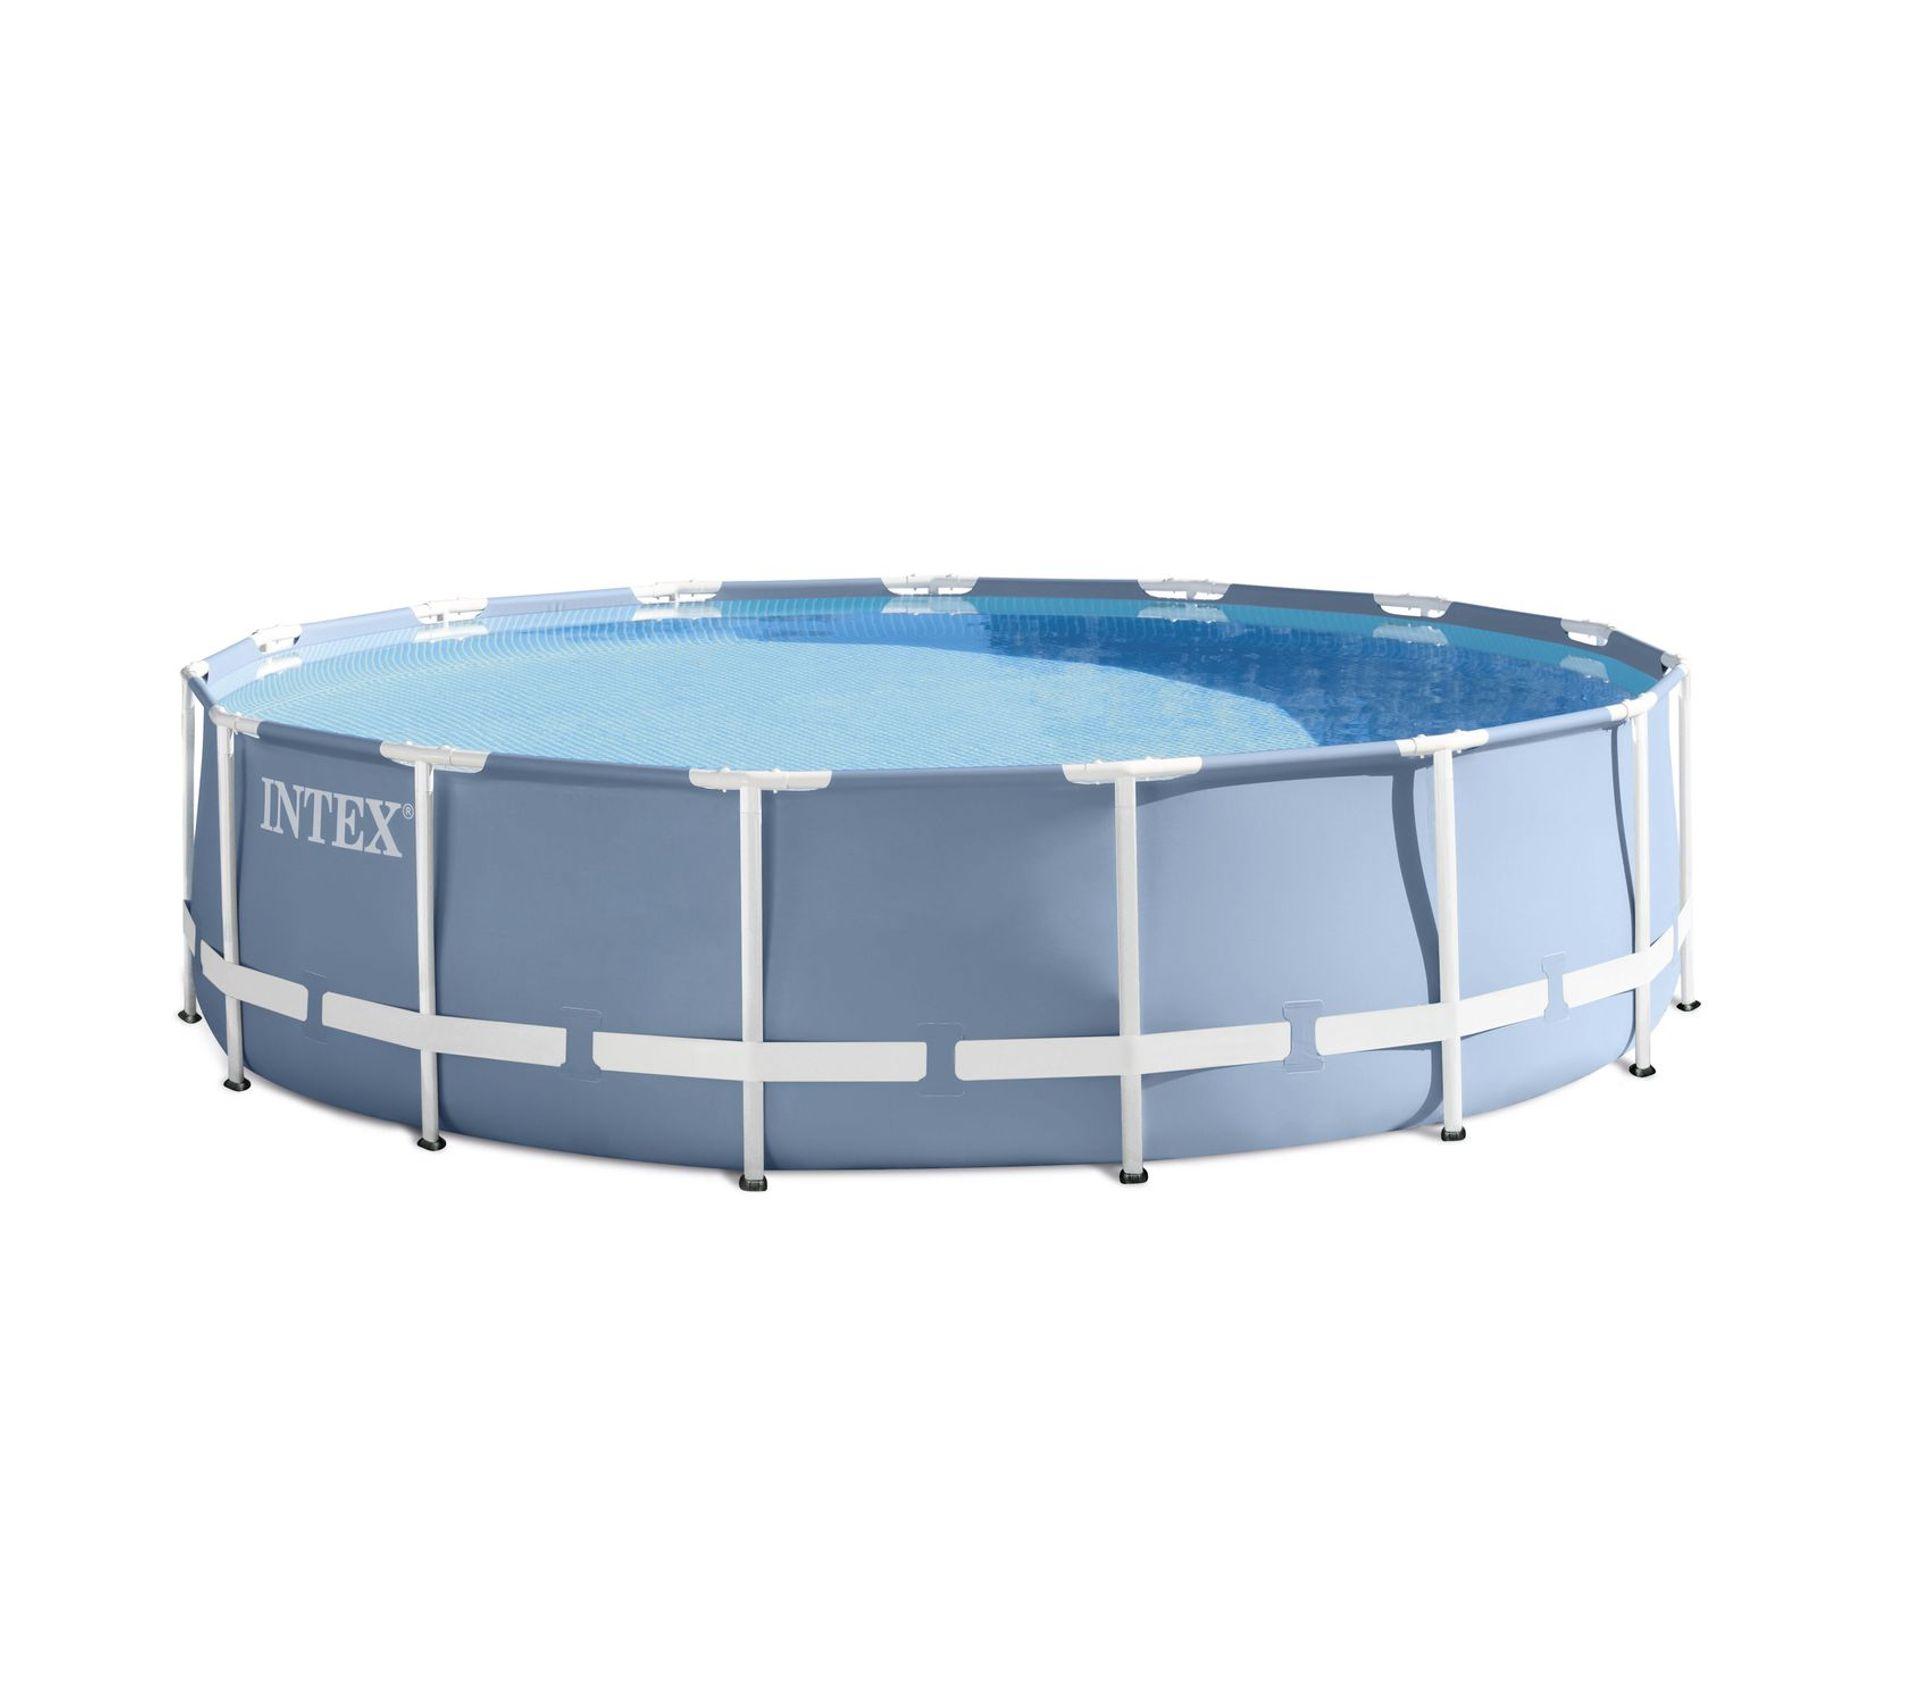 Eclairage Pour Piscine Tubulaire piscine tubulaire ronde avec accessoires prism - diam. 457 x h. 107 cm